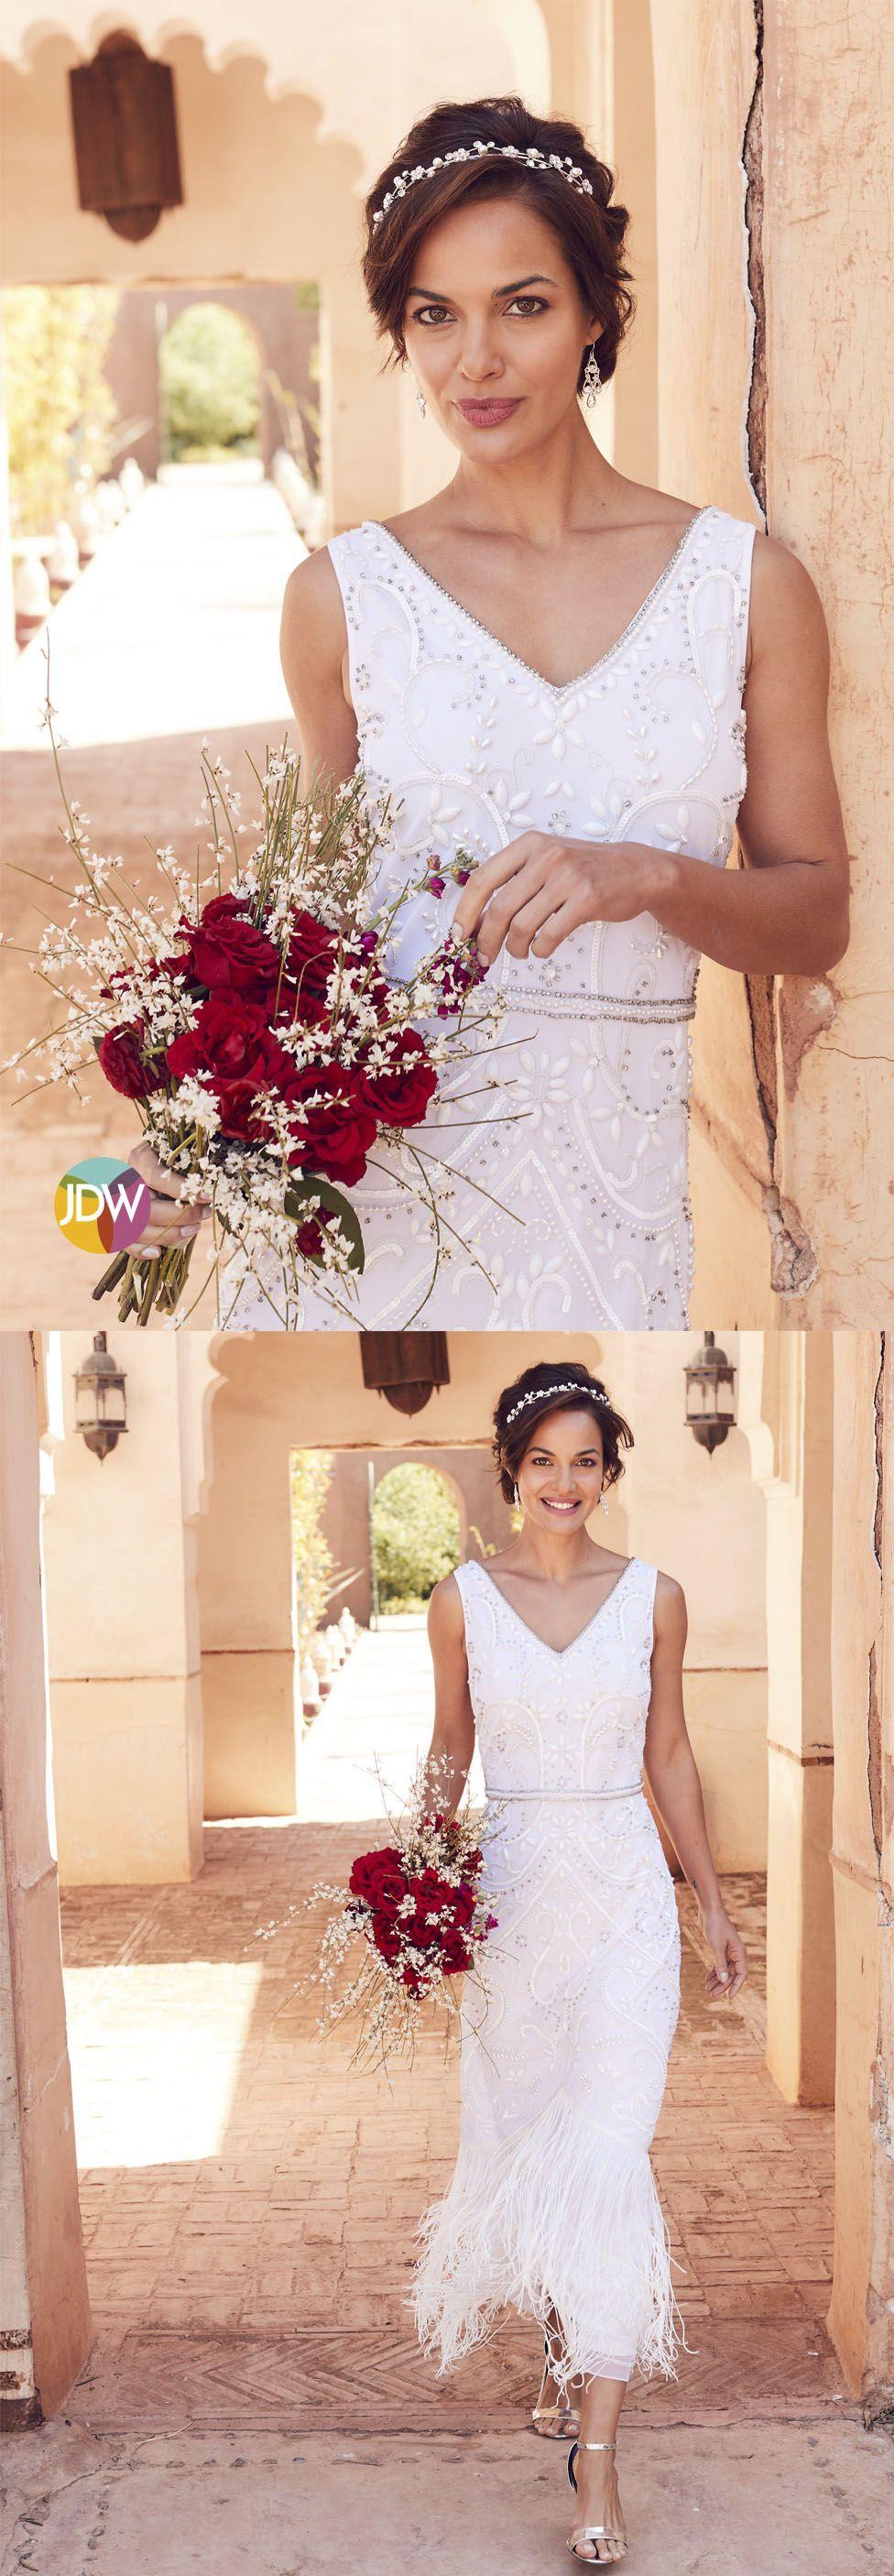 Joanna Hope Beaded Bridal Dress J D Williams Bridal Dresses Beaded Maxi Dress Dresses [ 2812 x 976 Pixel ]